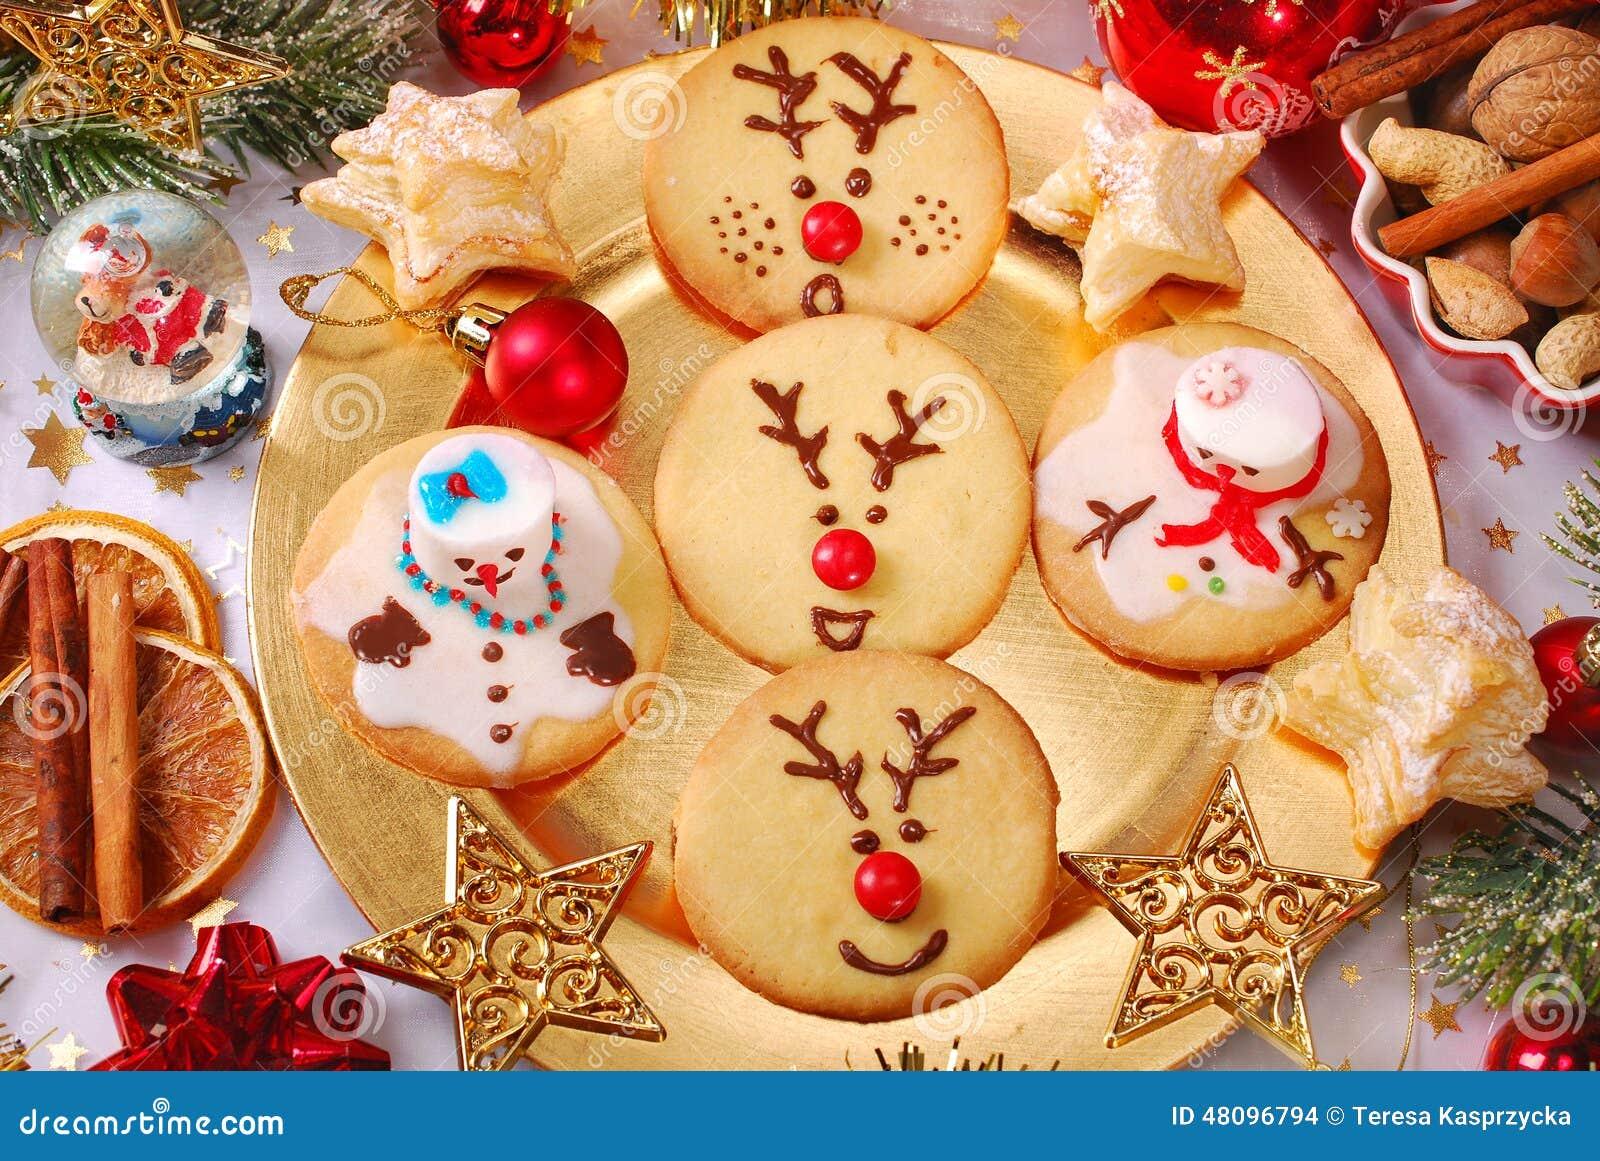 Biscotti Di Natale X Bambini.Biscotti Divertenti Di Natale Fatti Dai Bambini Fotografia Stock